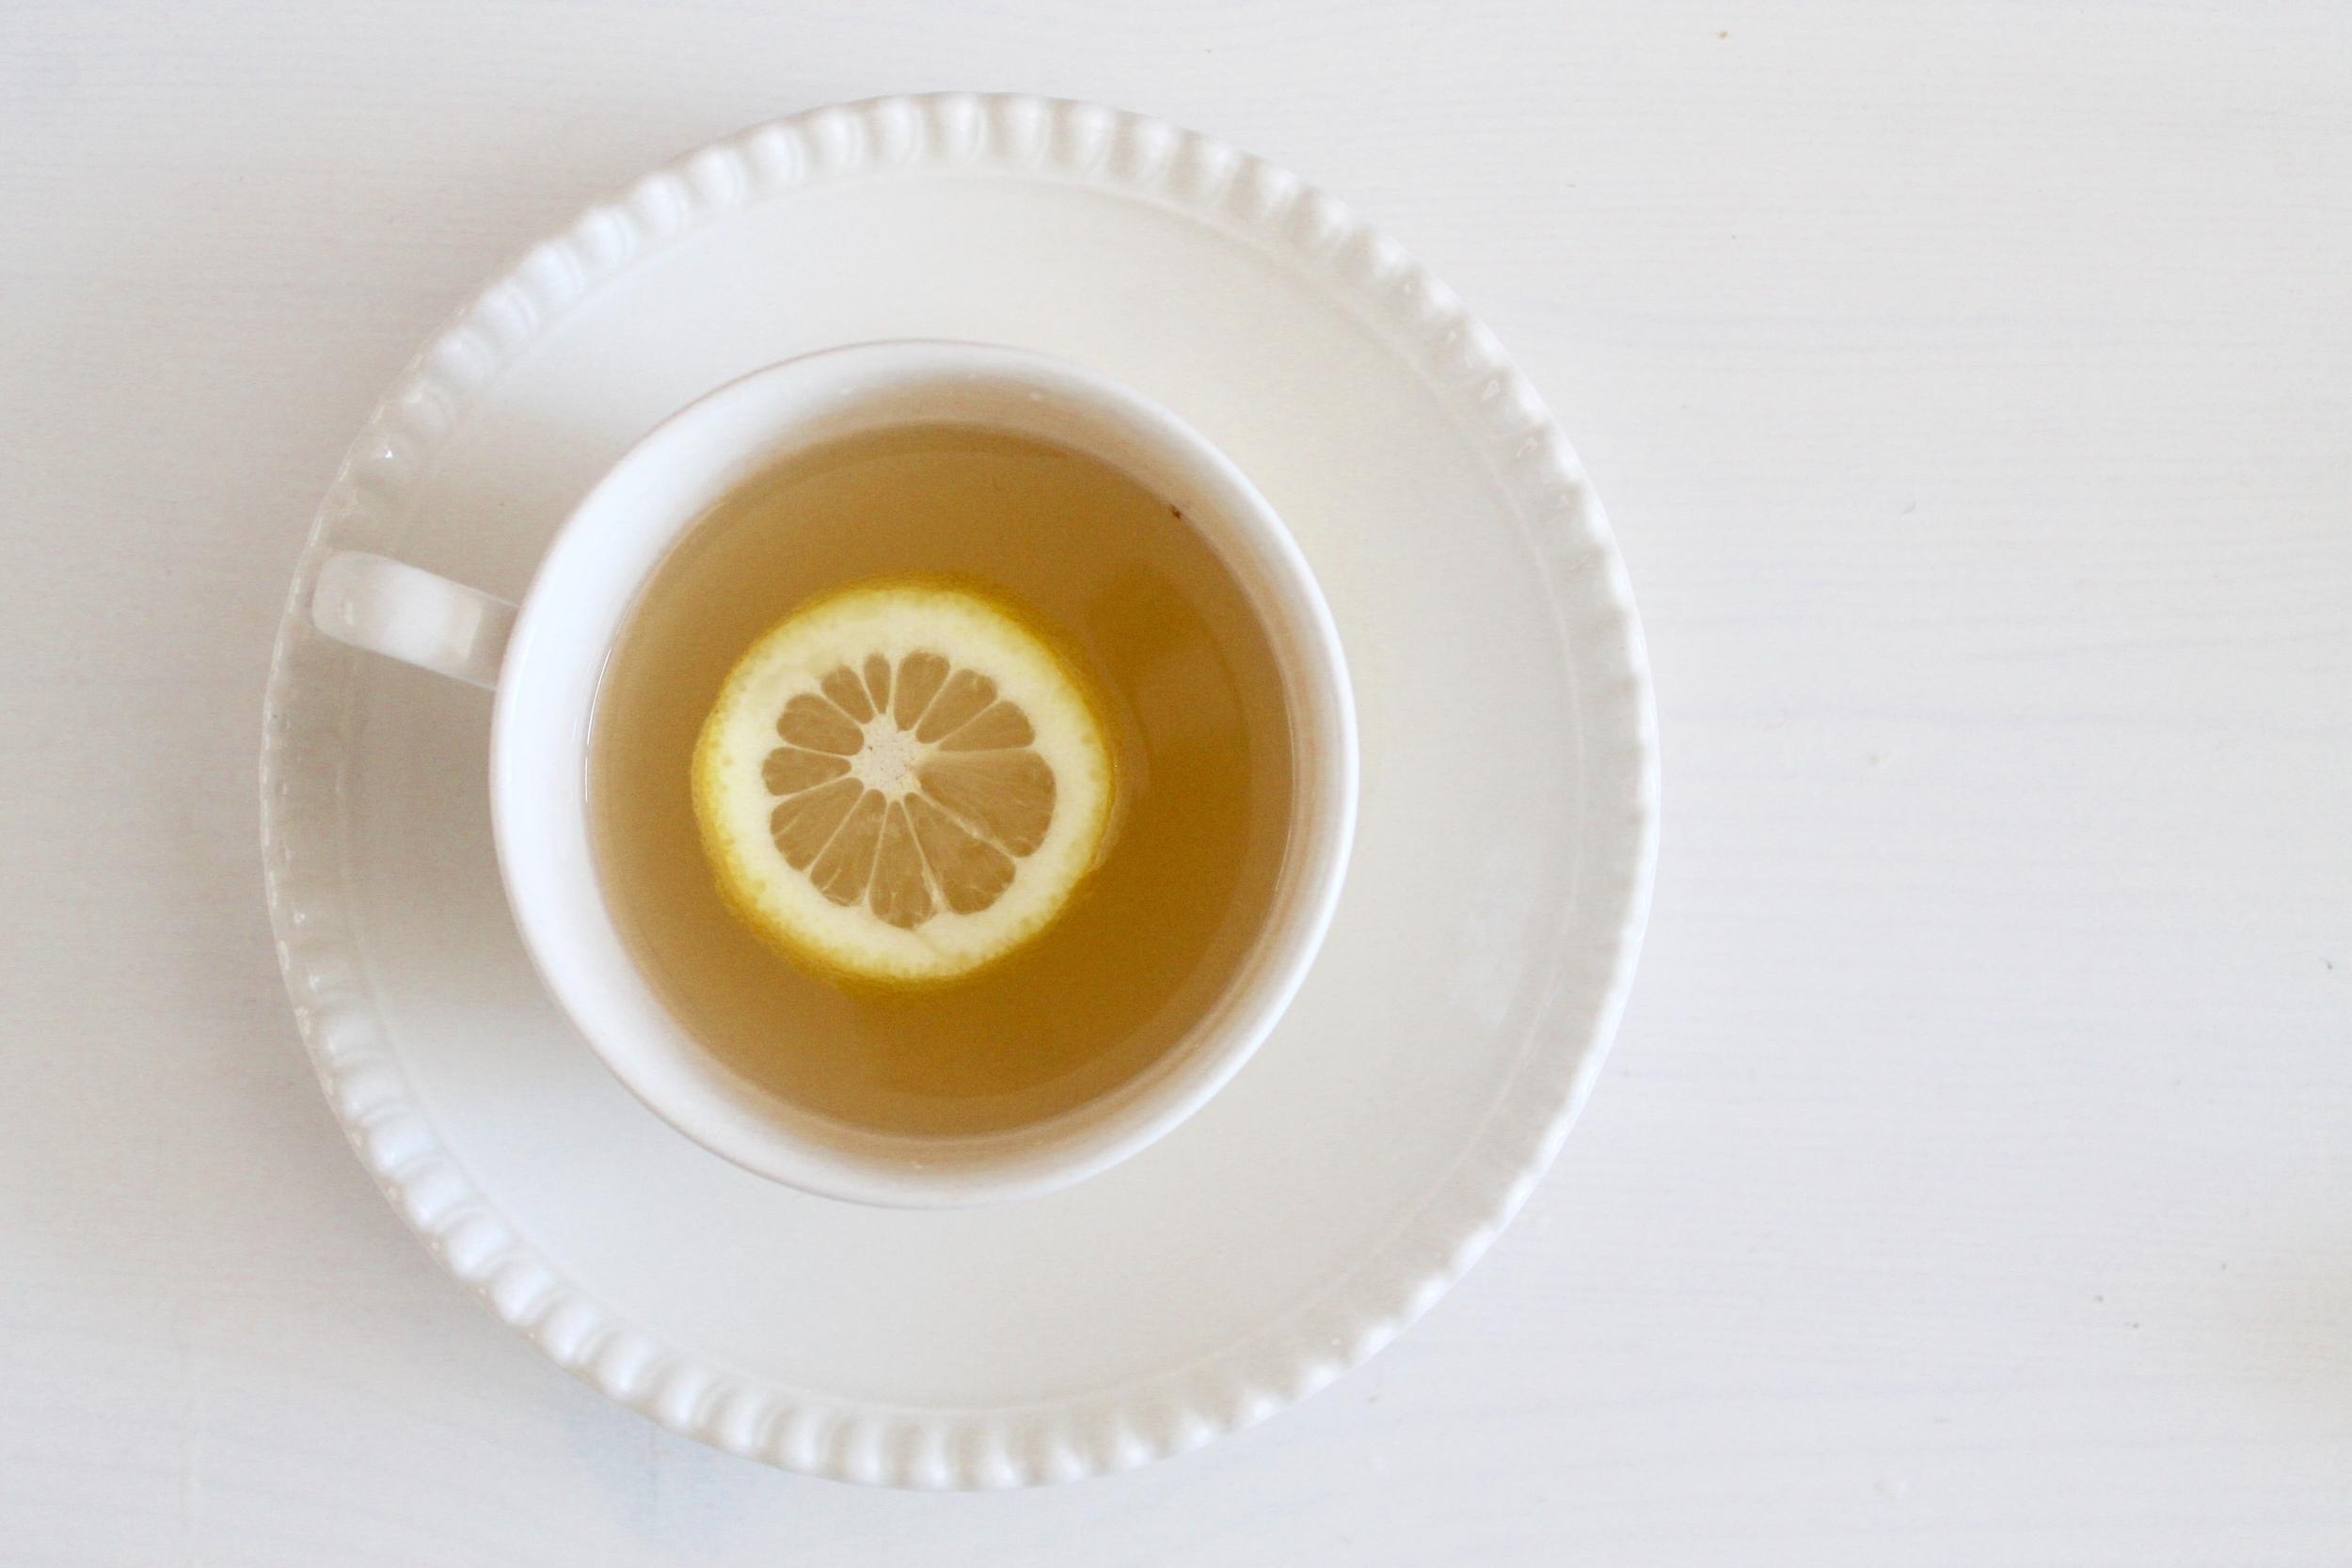 Beneficial Honey Lemon Ginger Tea - The Entertaining House